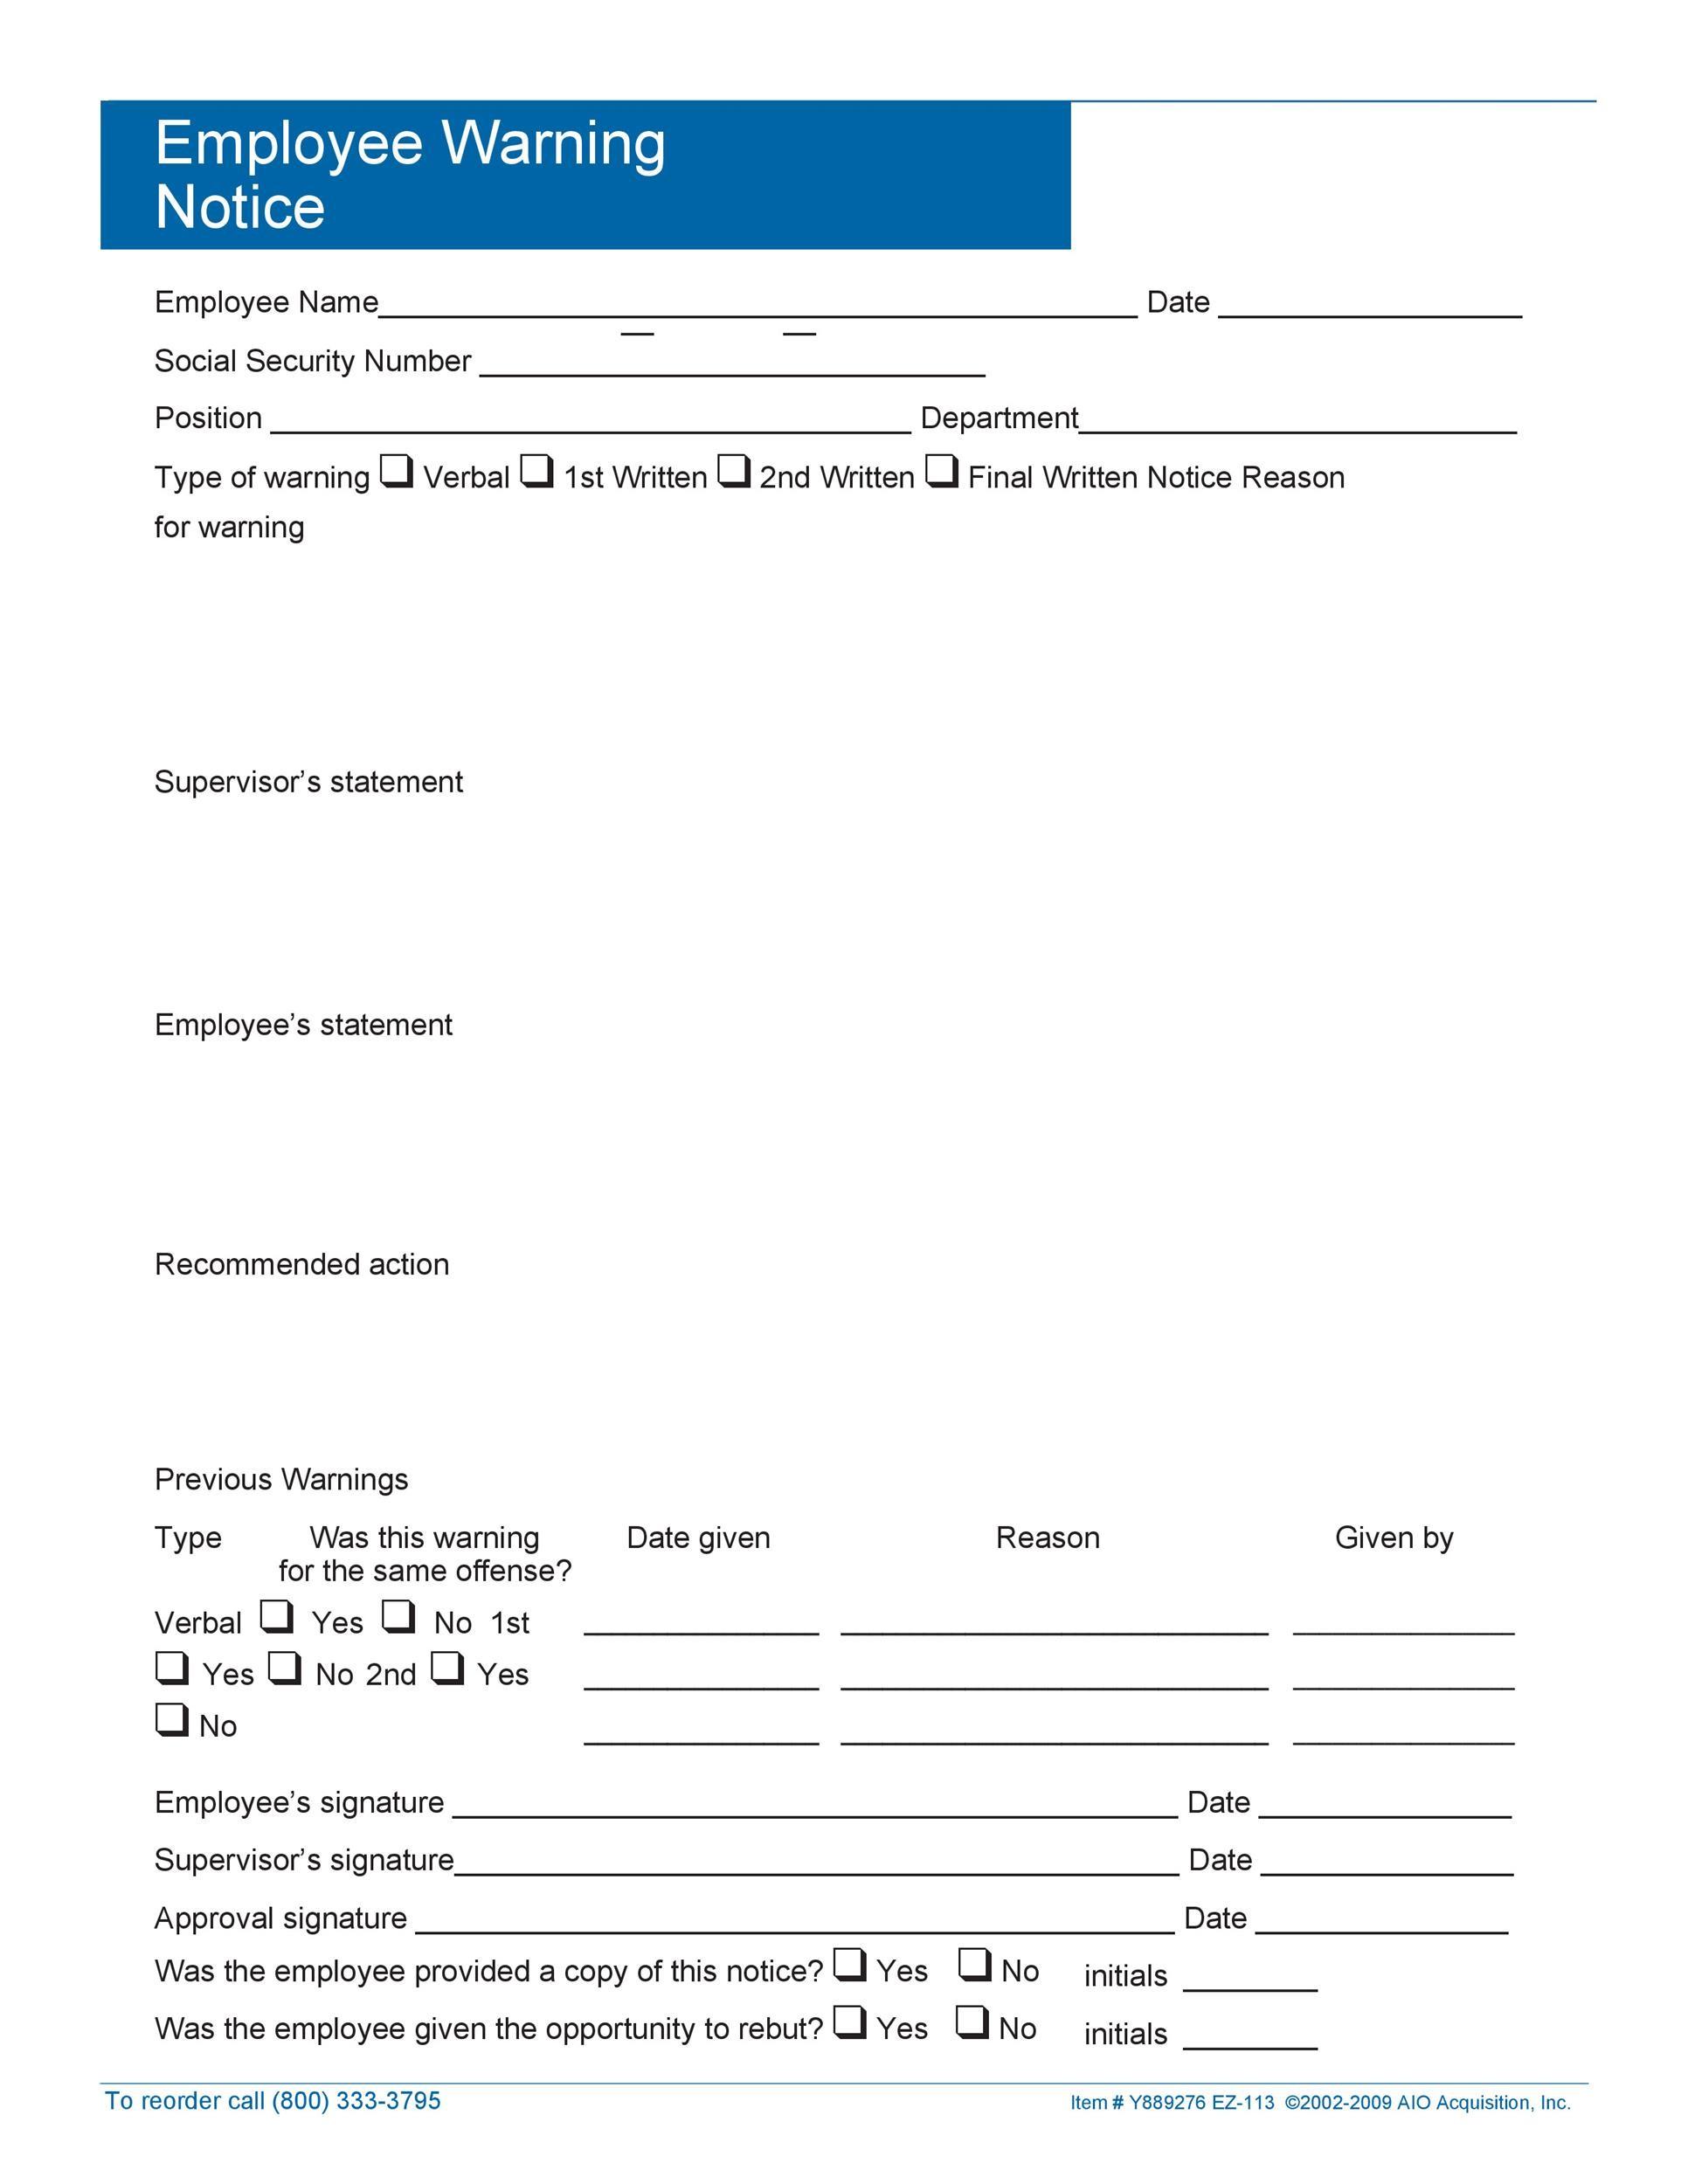 Free employee warning notice 36